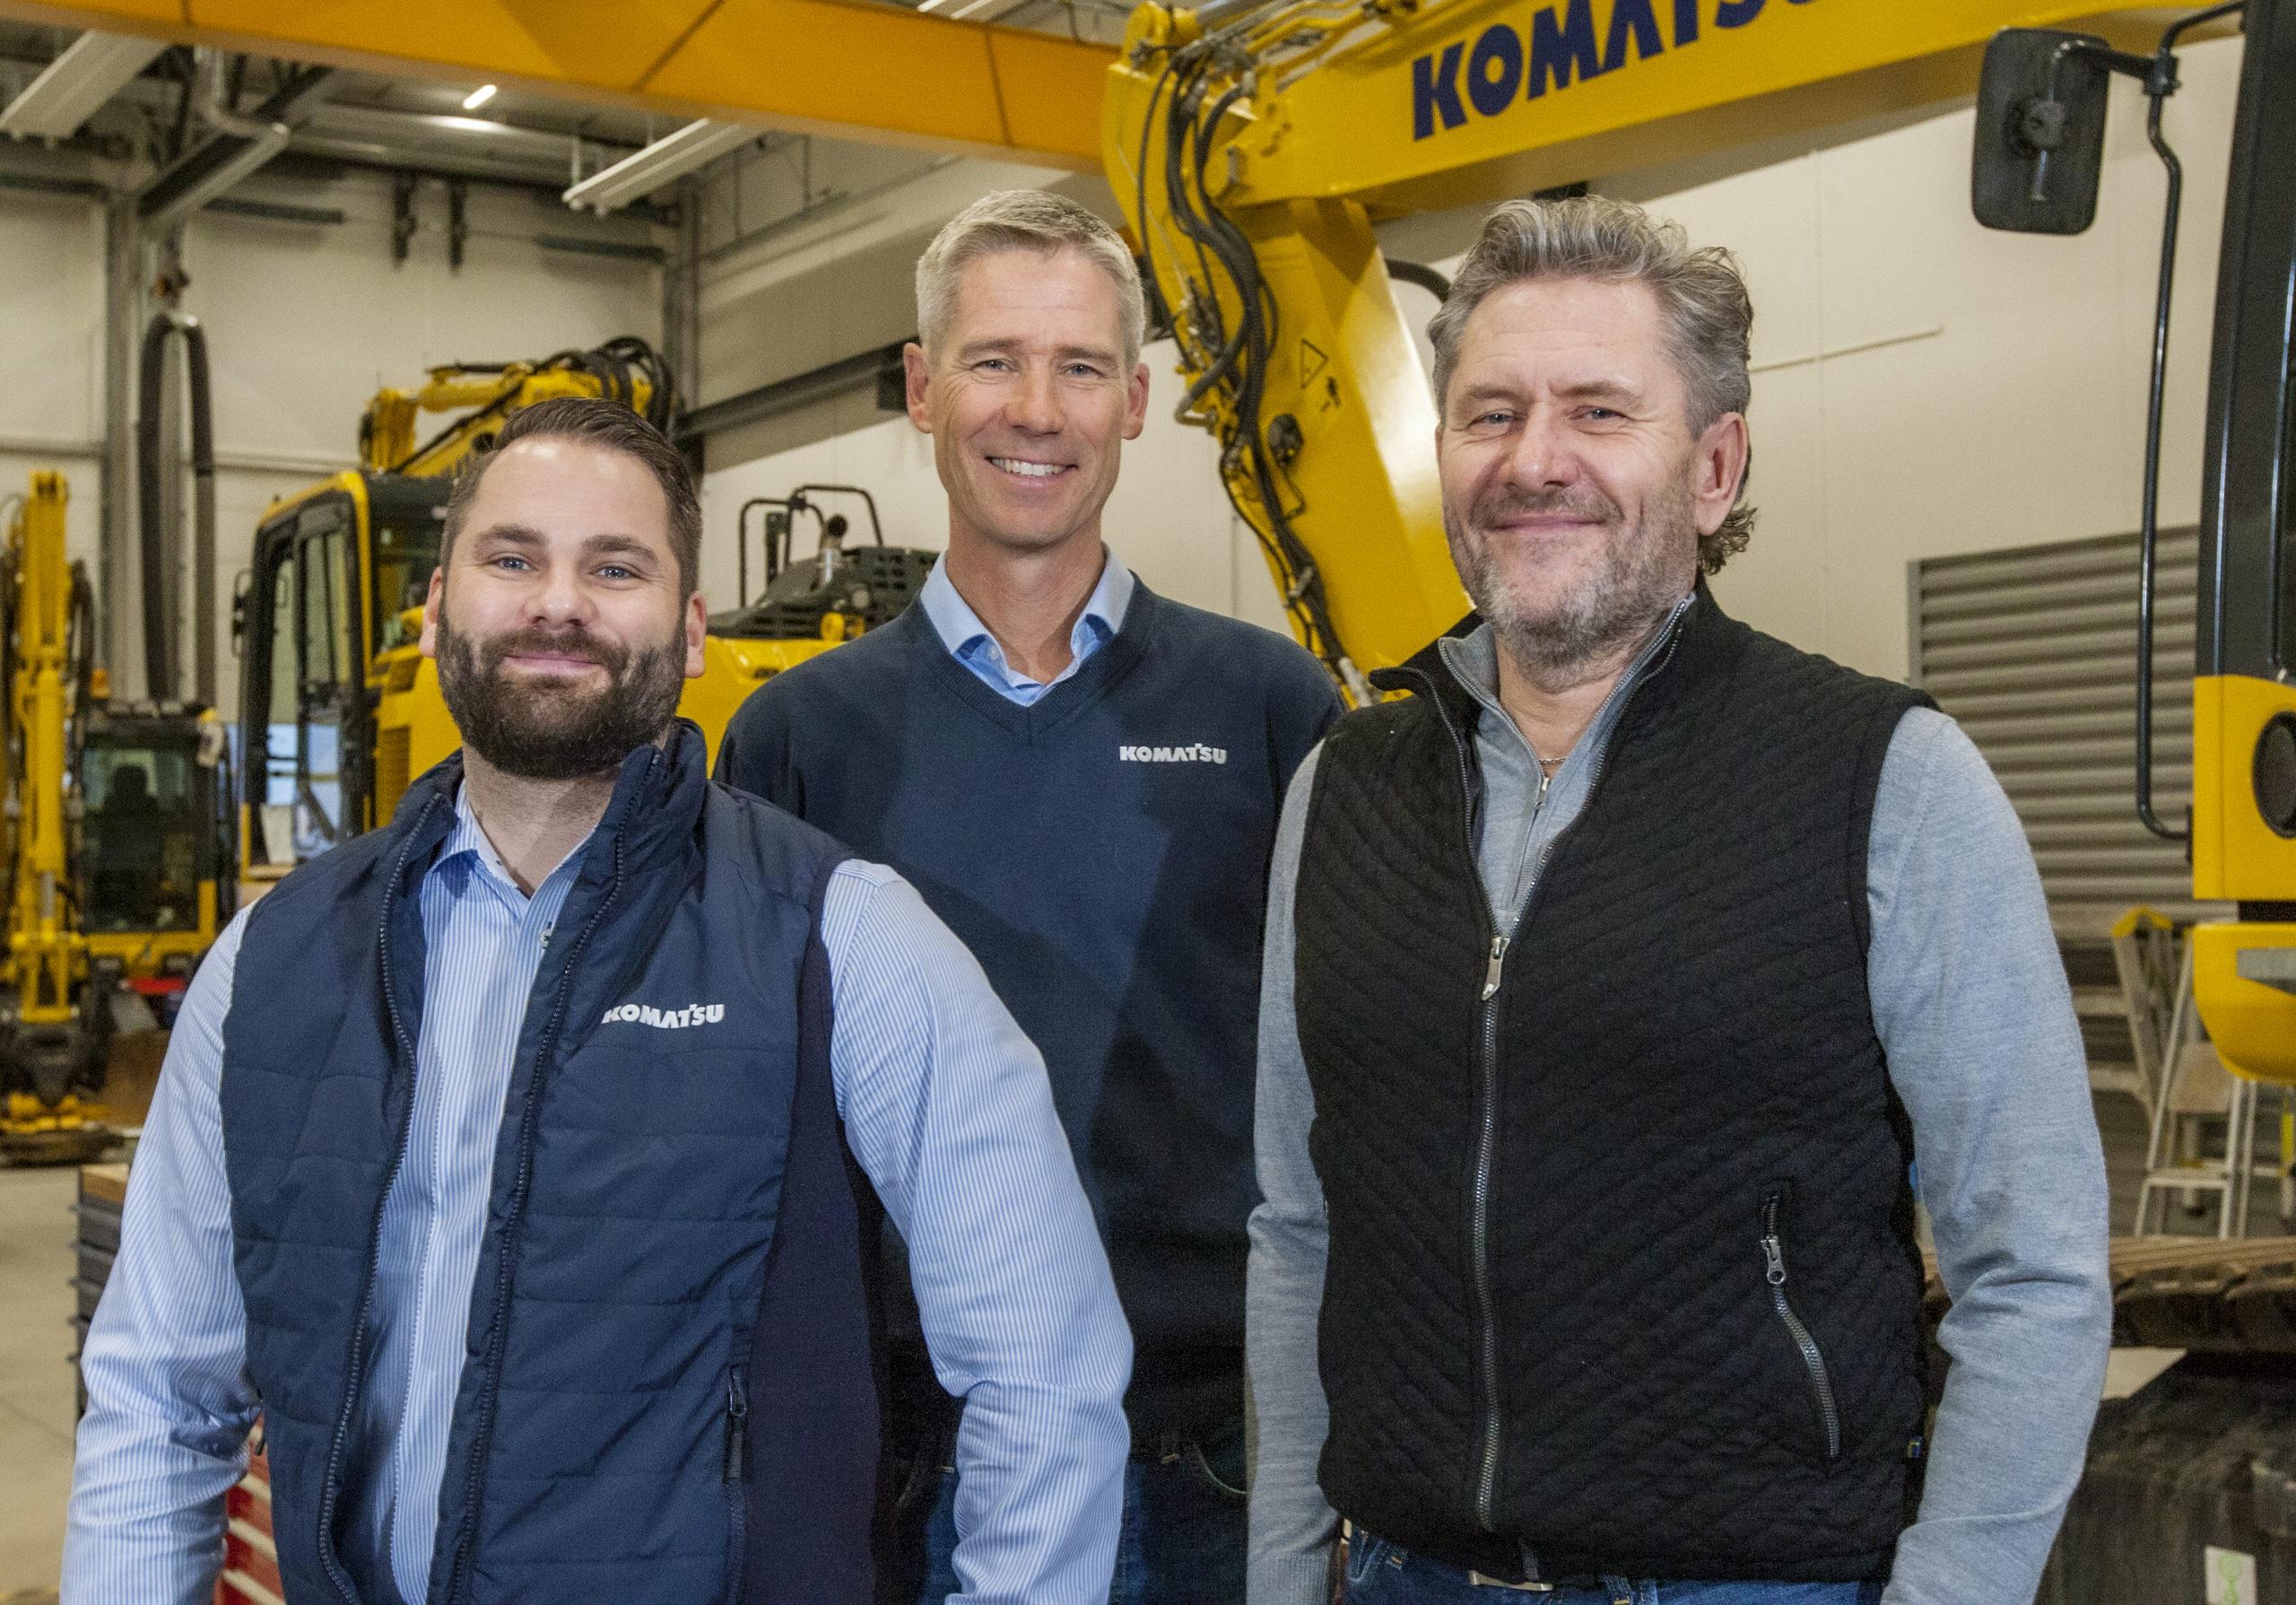 Anthony Eriksson, Kjell Forsén och Patrick Andersson säljer Komatsu och Bomag i Stockholm och Mälardalen.